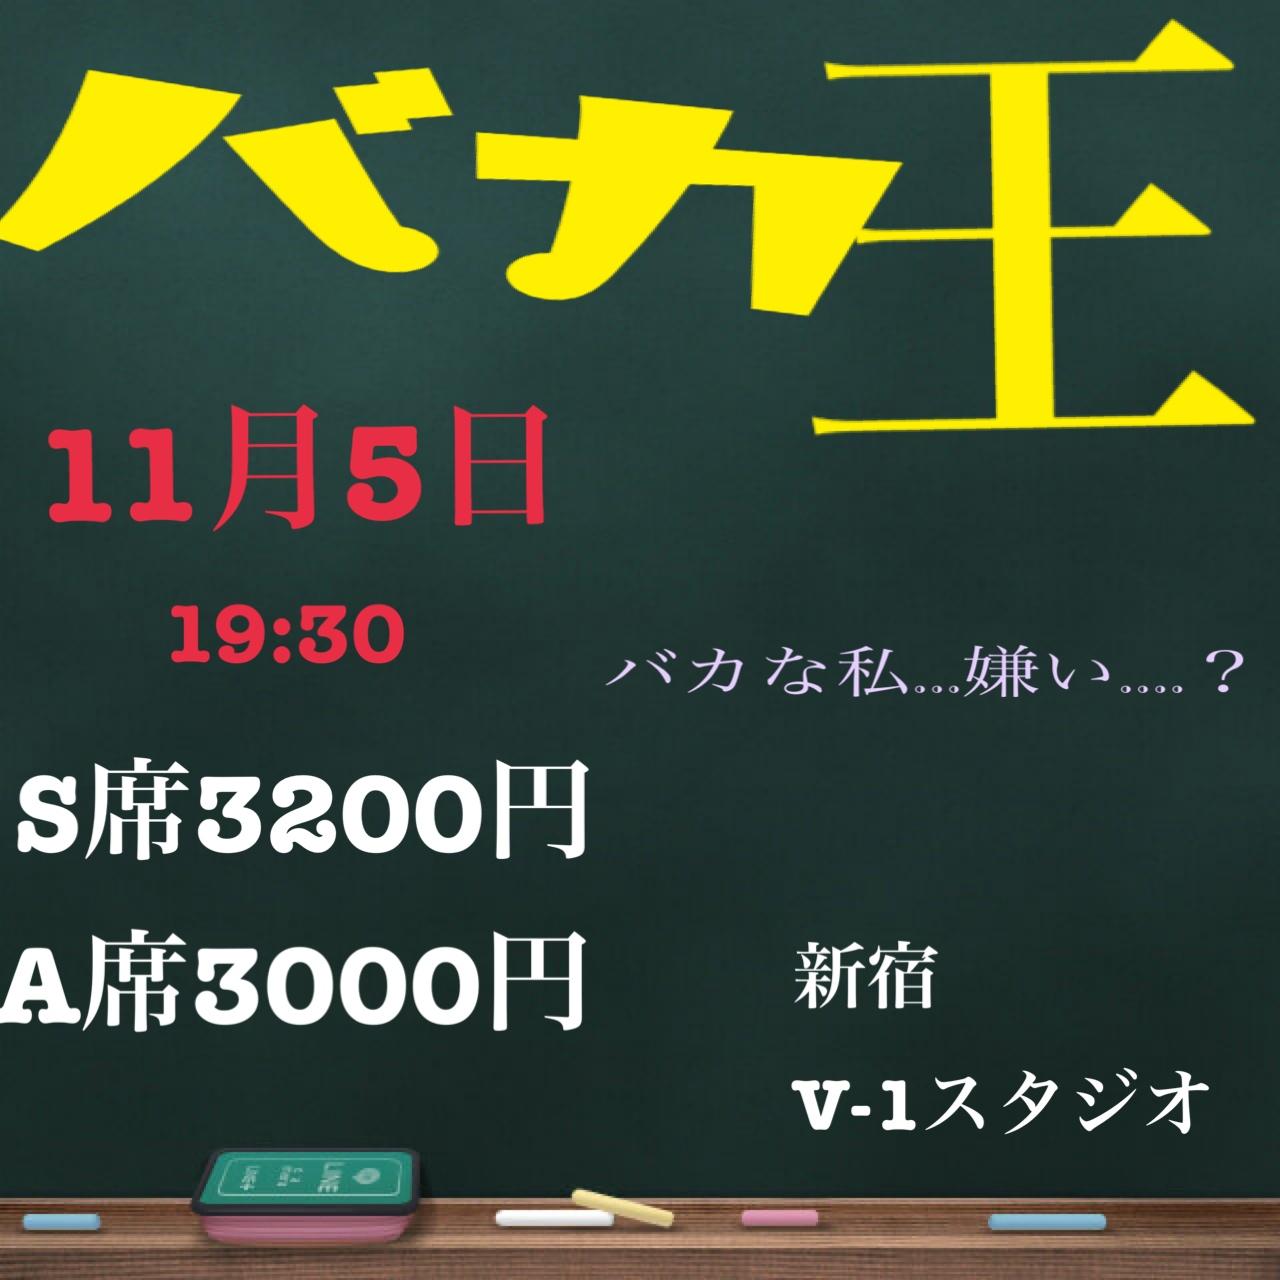 【劇場】11月5日19:30〜バカ王